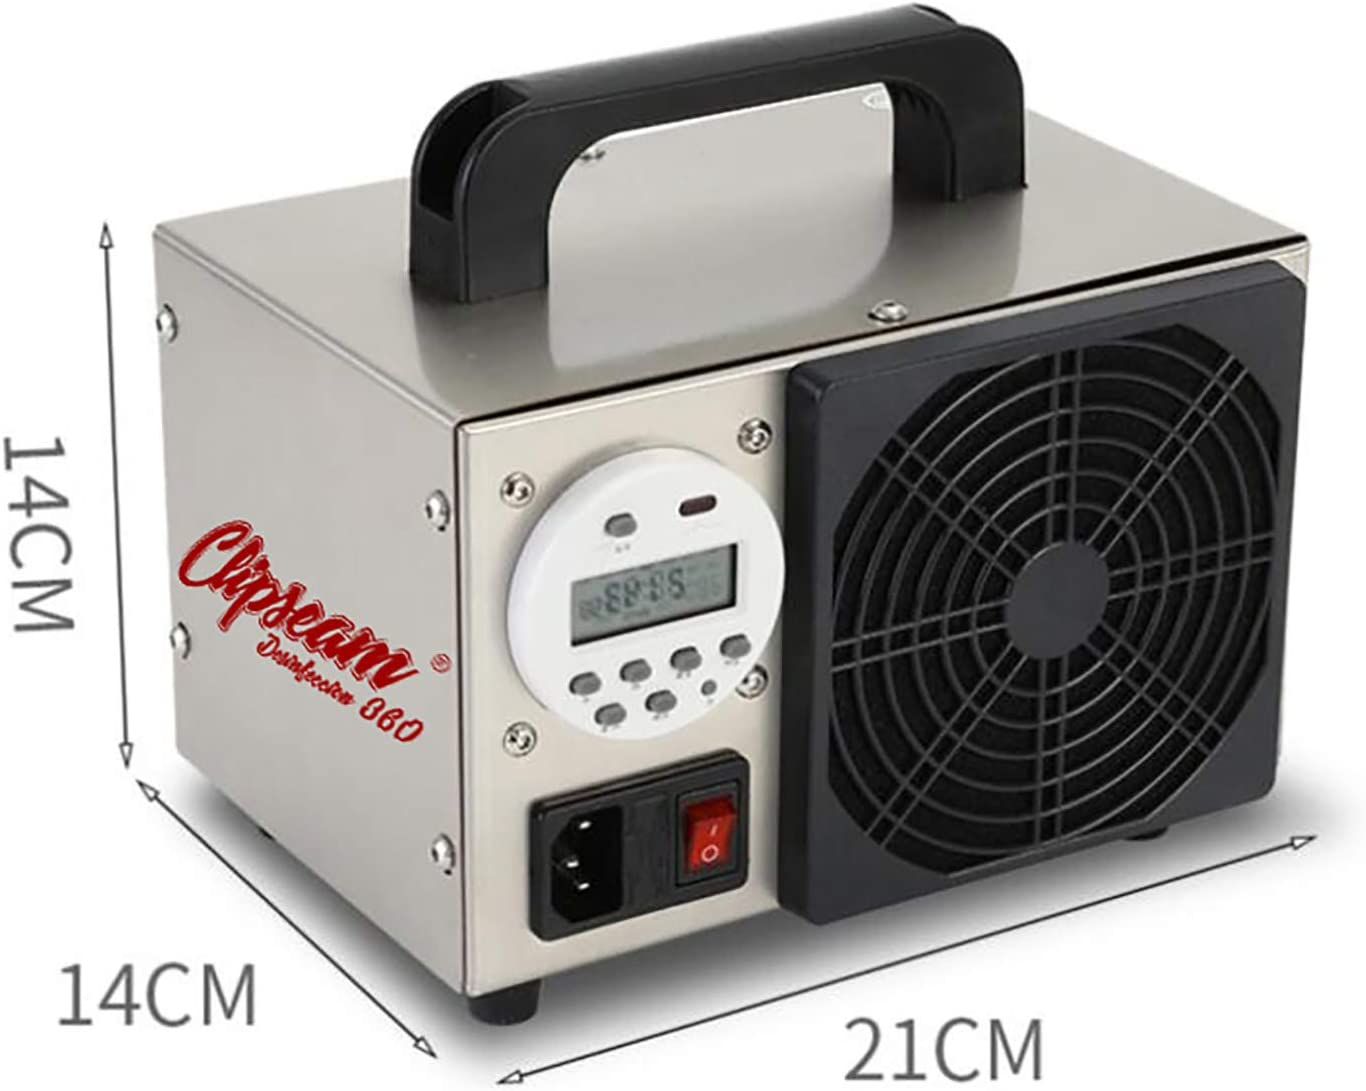 Negocios /Ácaros Elimina Virus Oficinas para Uso en Empresas 10 y 20gr//h para Tratar Superficies de hasta 80 a 250 m/² CLIPSEAM Generador de Ozono 5 Malos olores 5 gr//h Bacterias